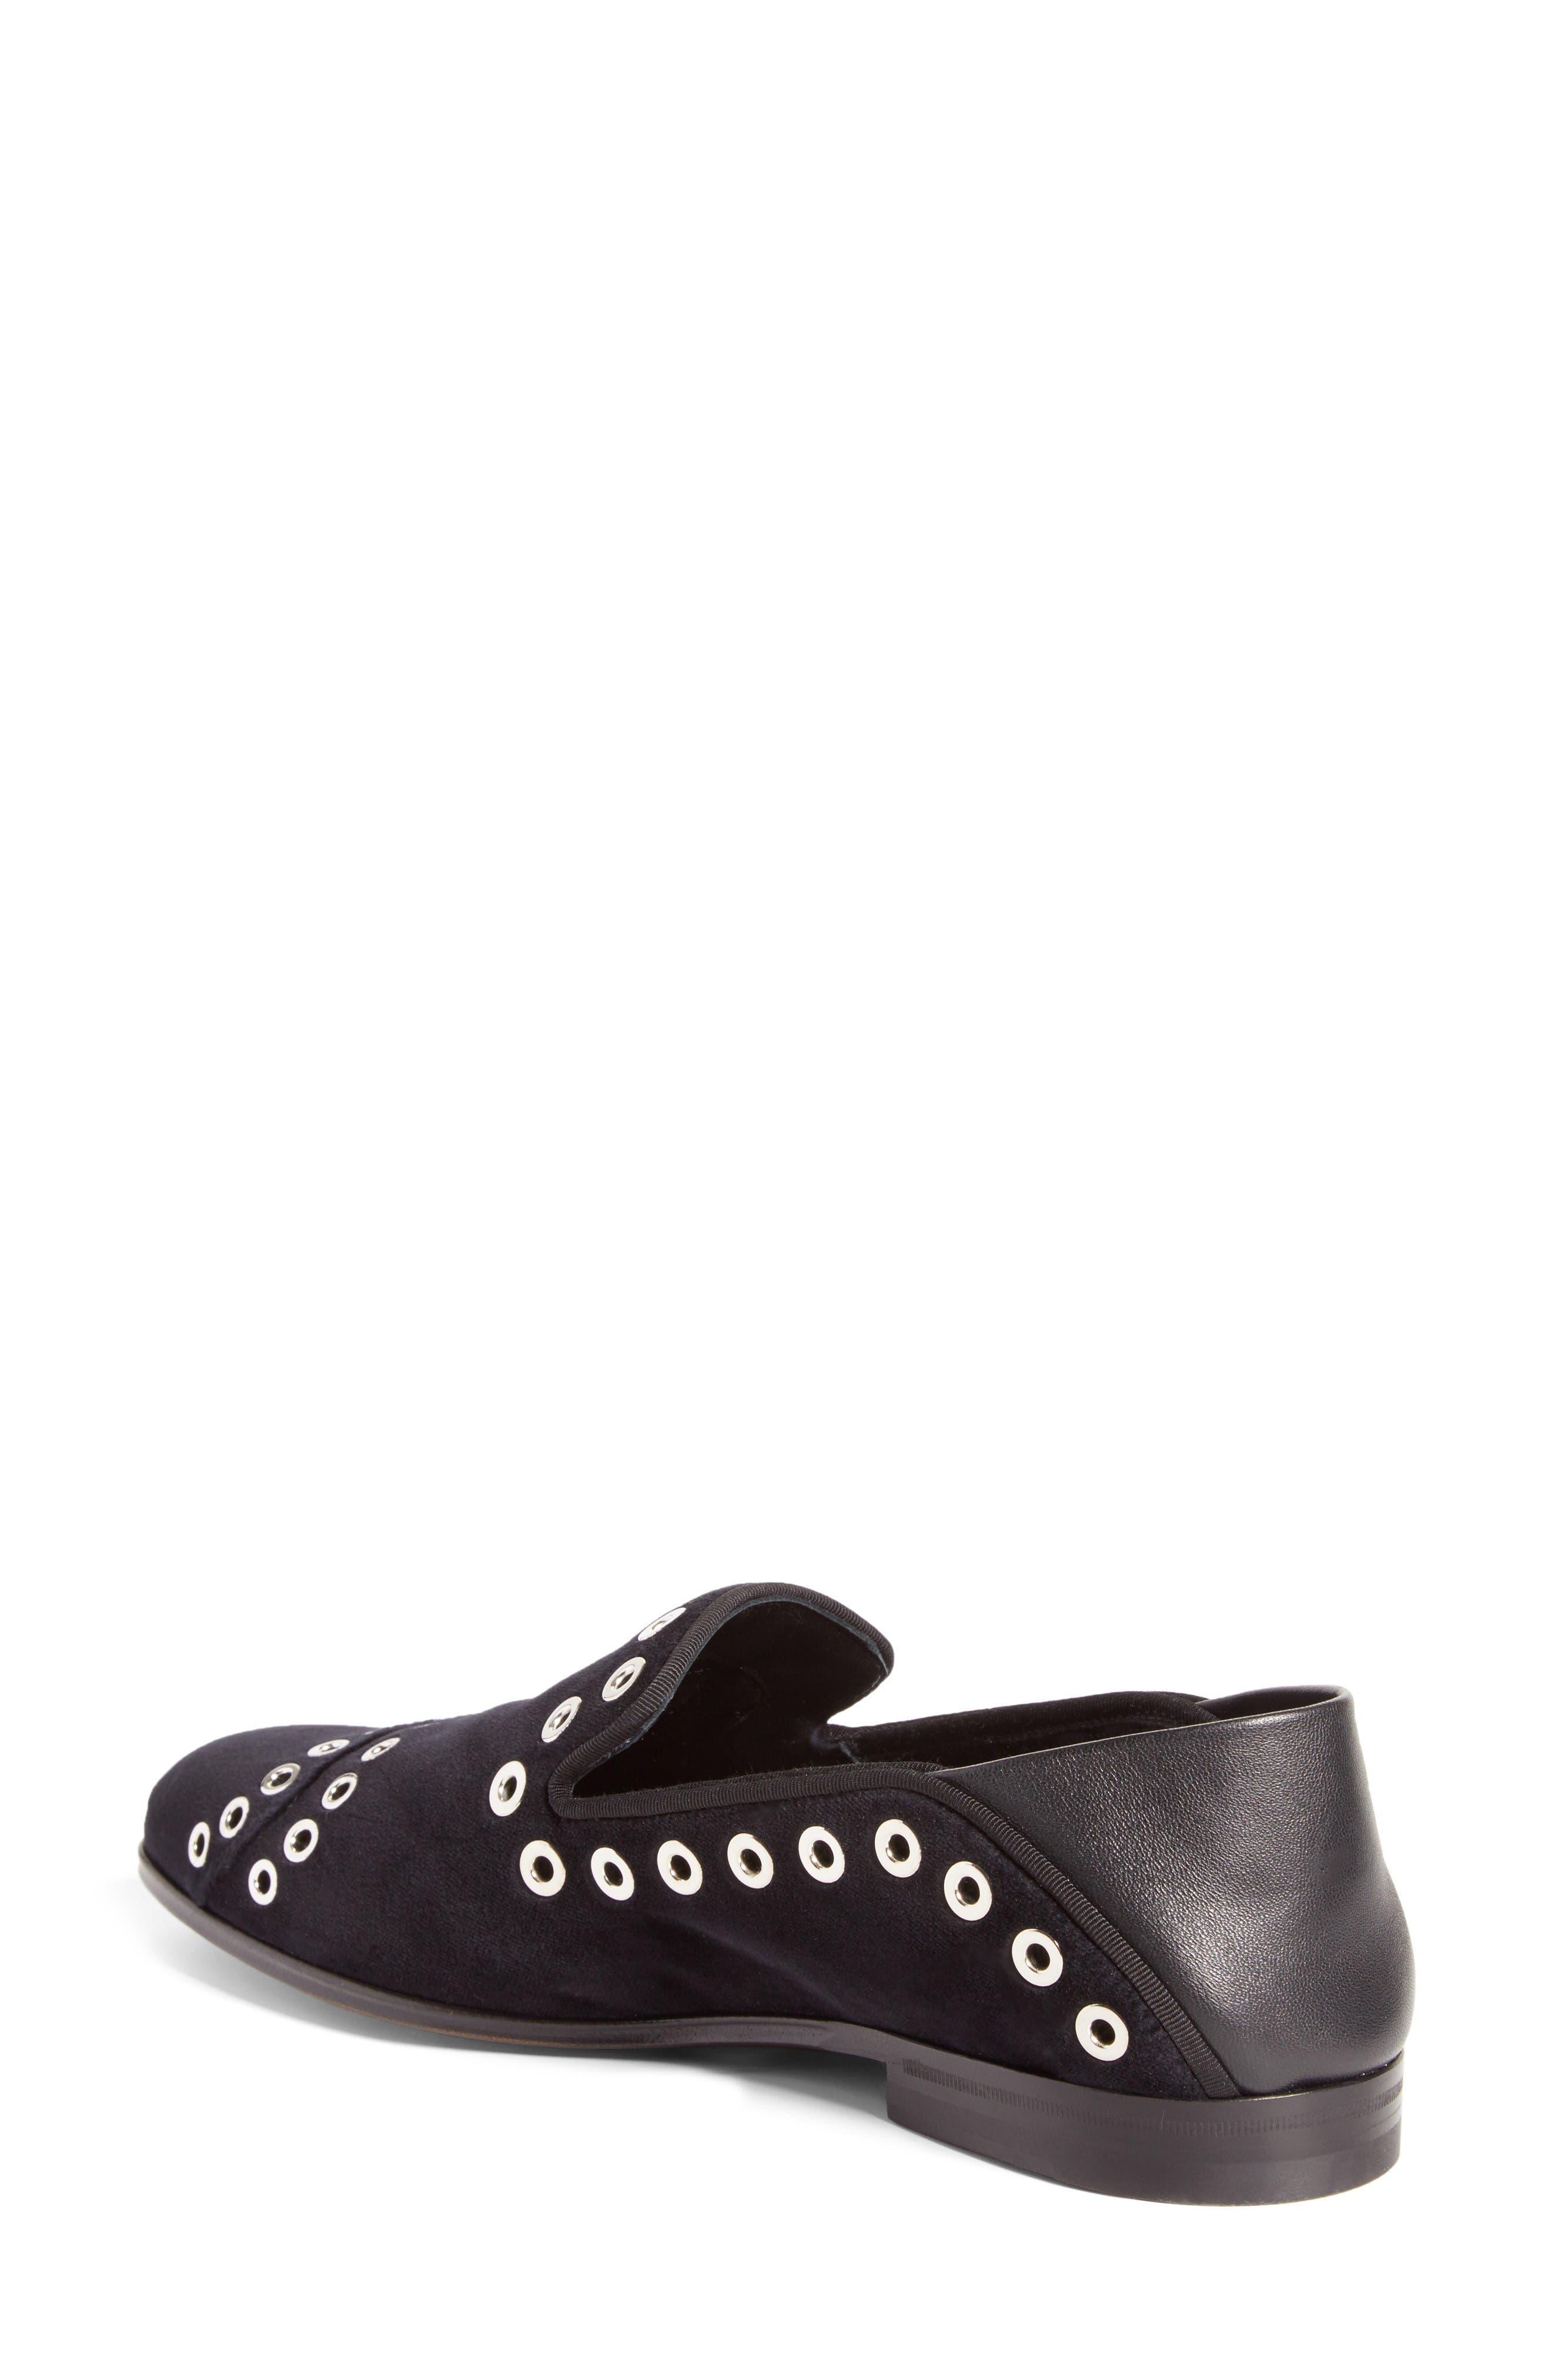 Alternate Image 3  - Alexander McQueen Grommet Convertible Loafer (Women)